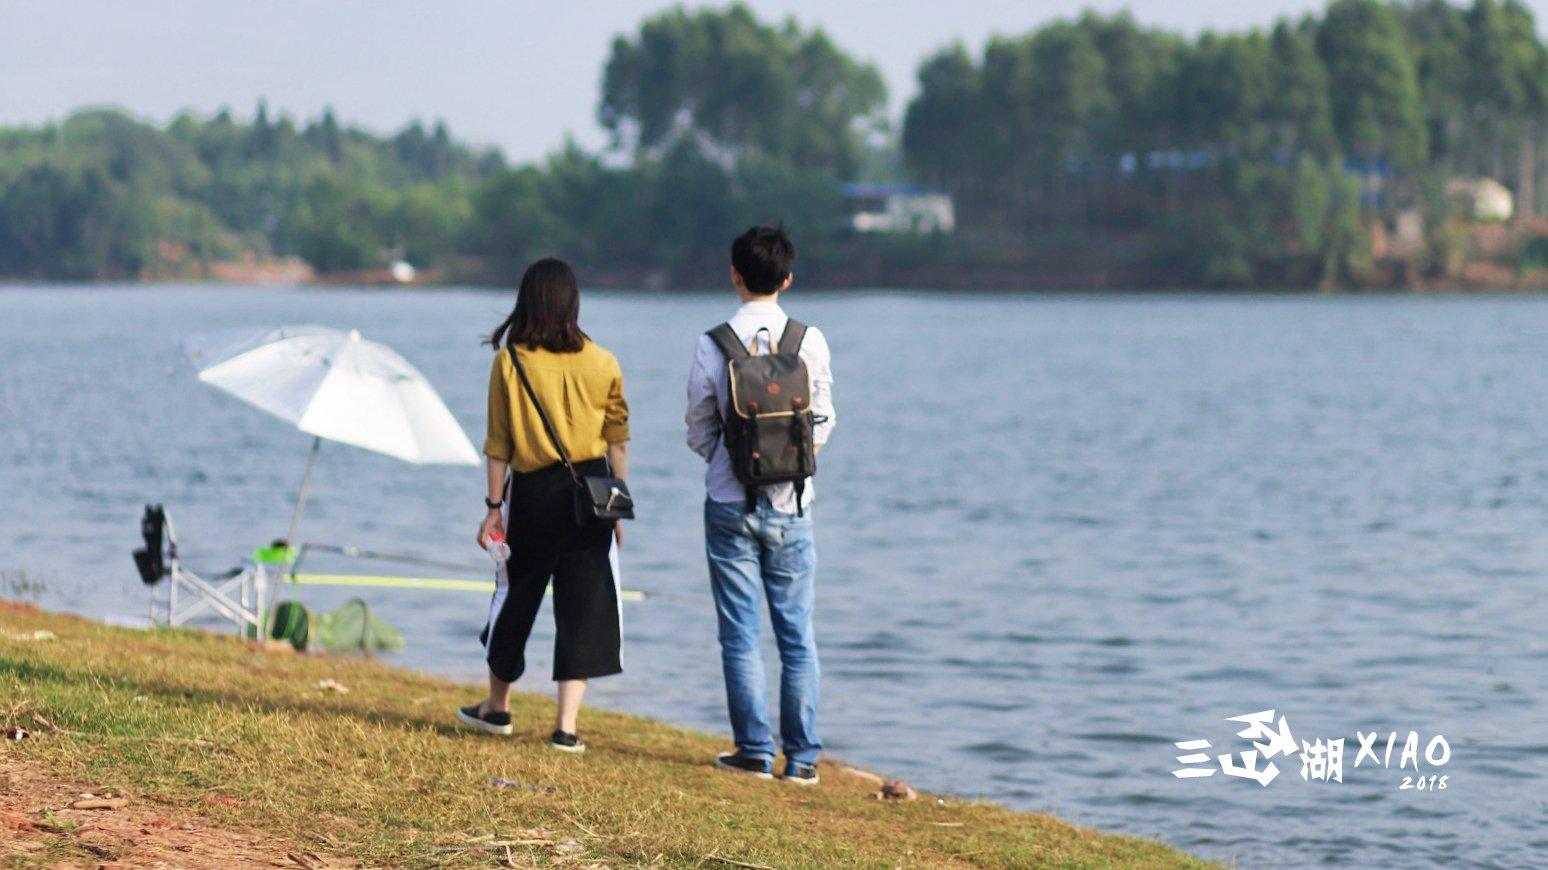 【周末游】之三岔湖,行走万里,不如近在咫尺的美